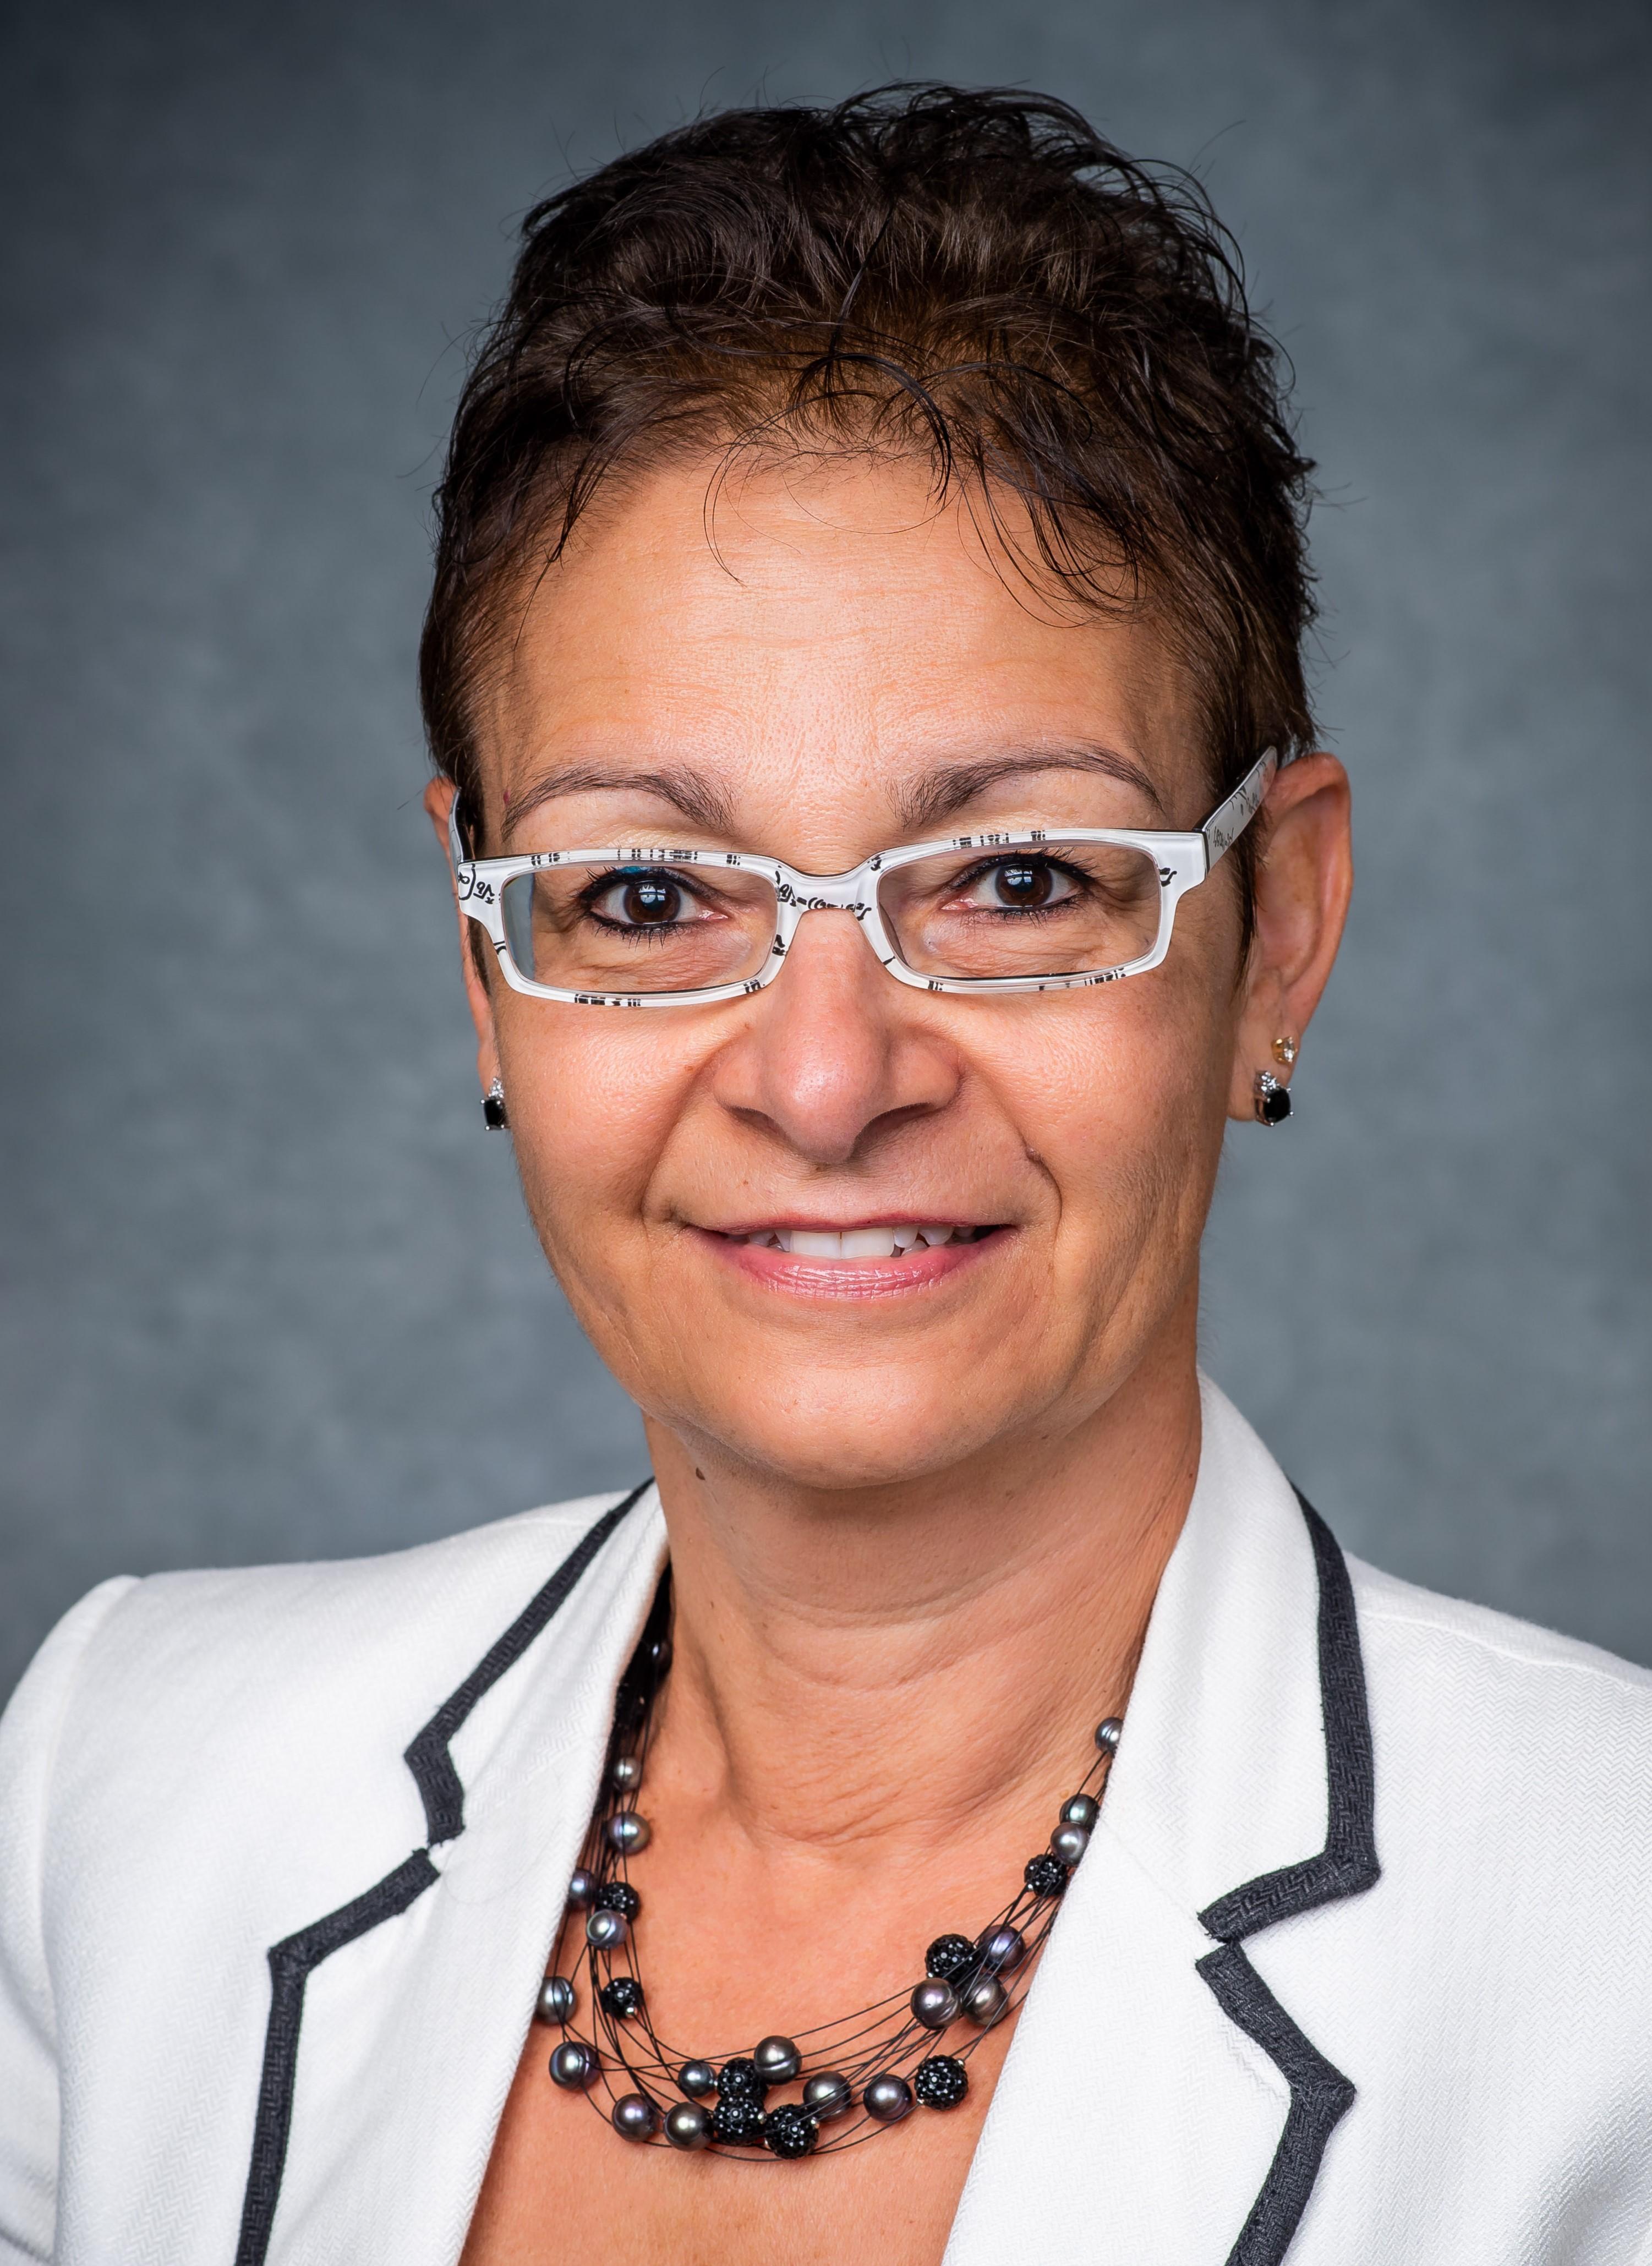 Cristina Magi-Galluzzi, M.D., Ph.D.